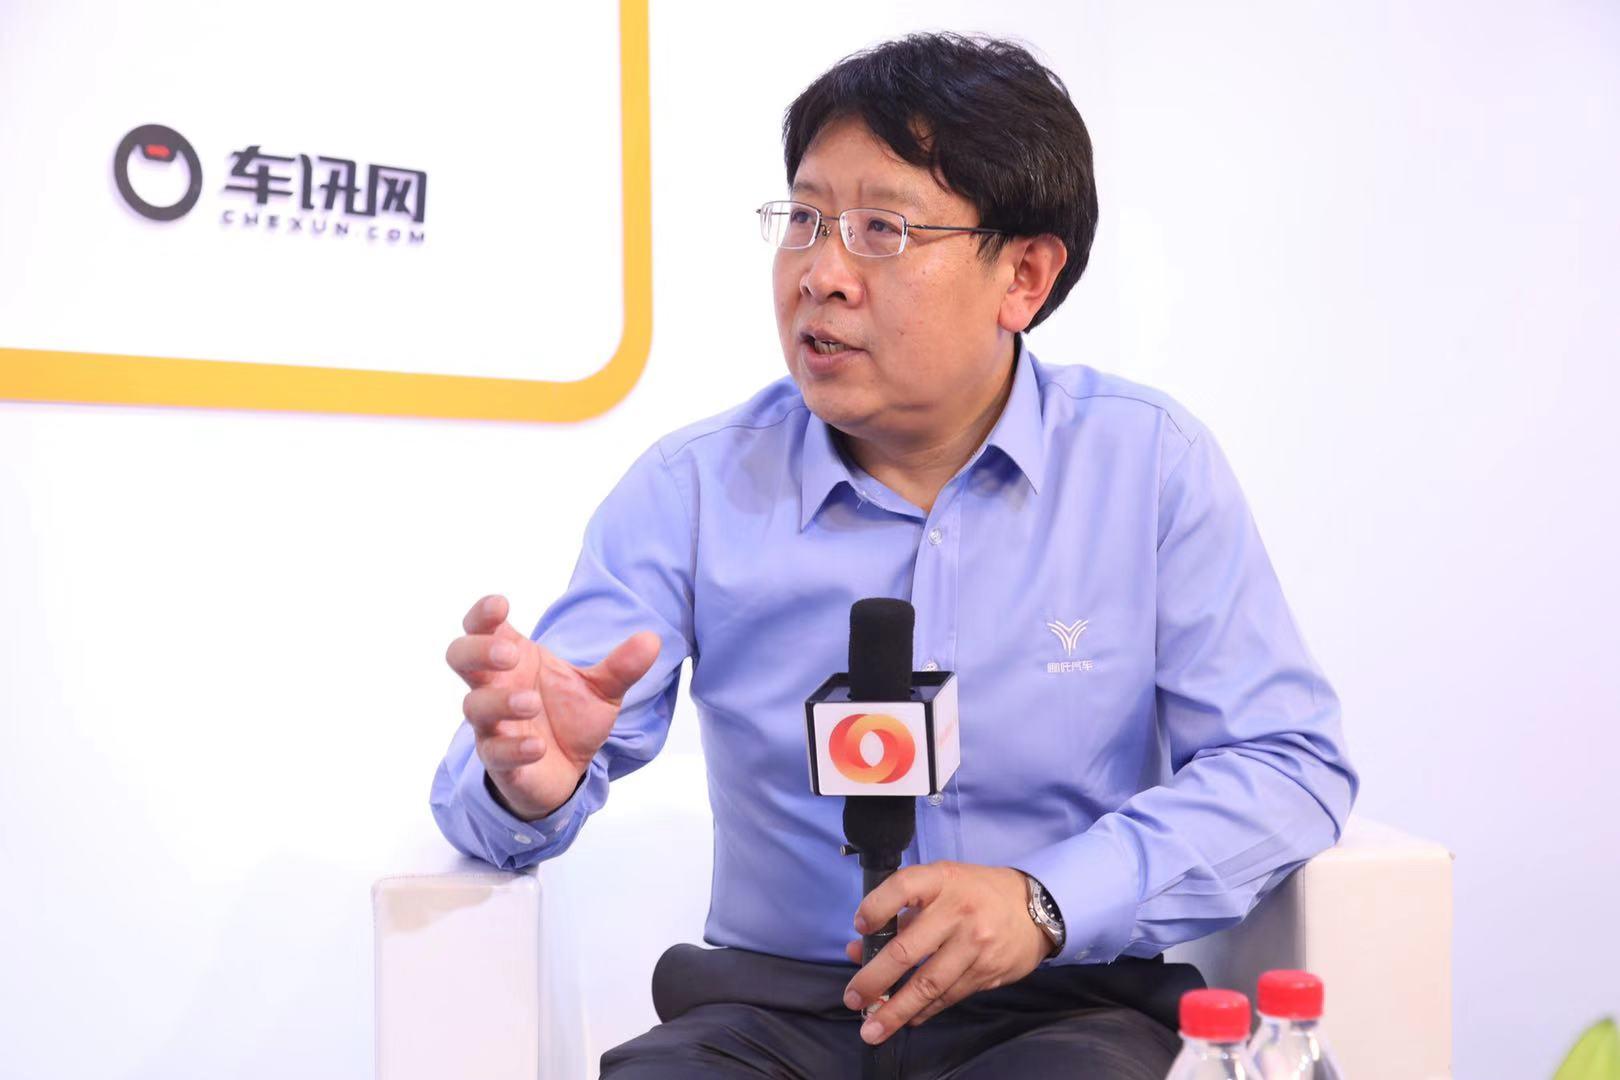 用智能化技术服务用户 广州车展专访哪吒汽车戴大力